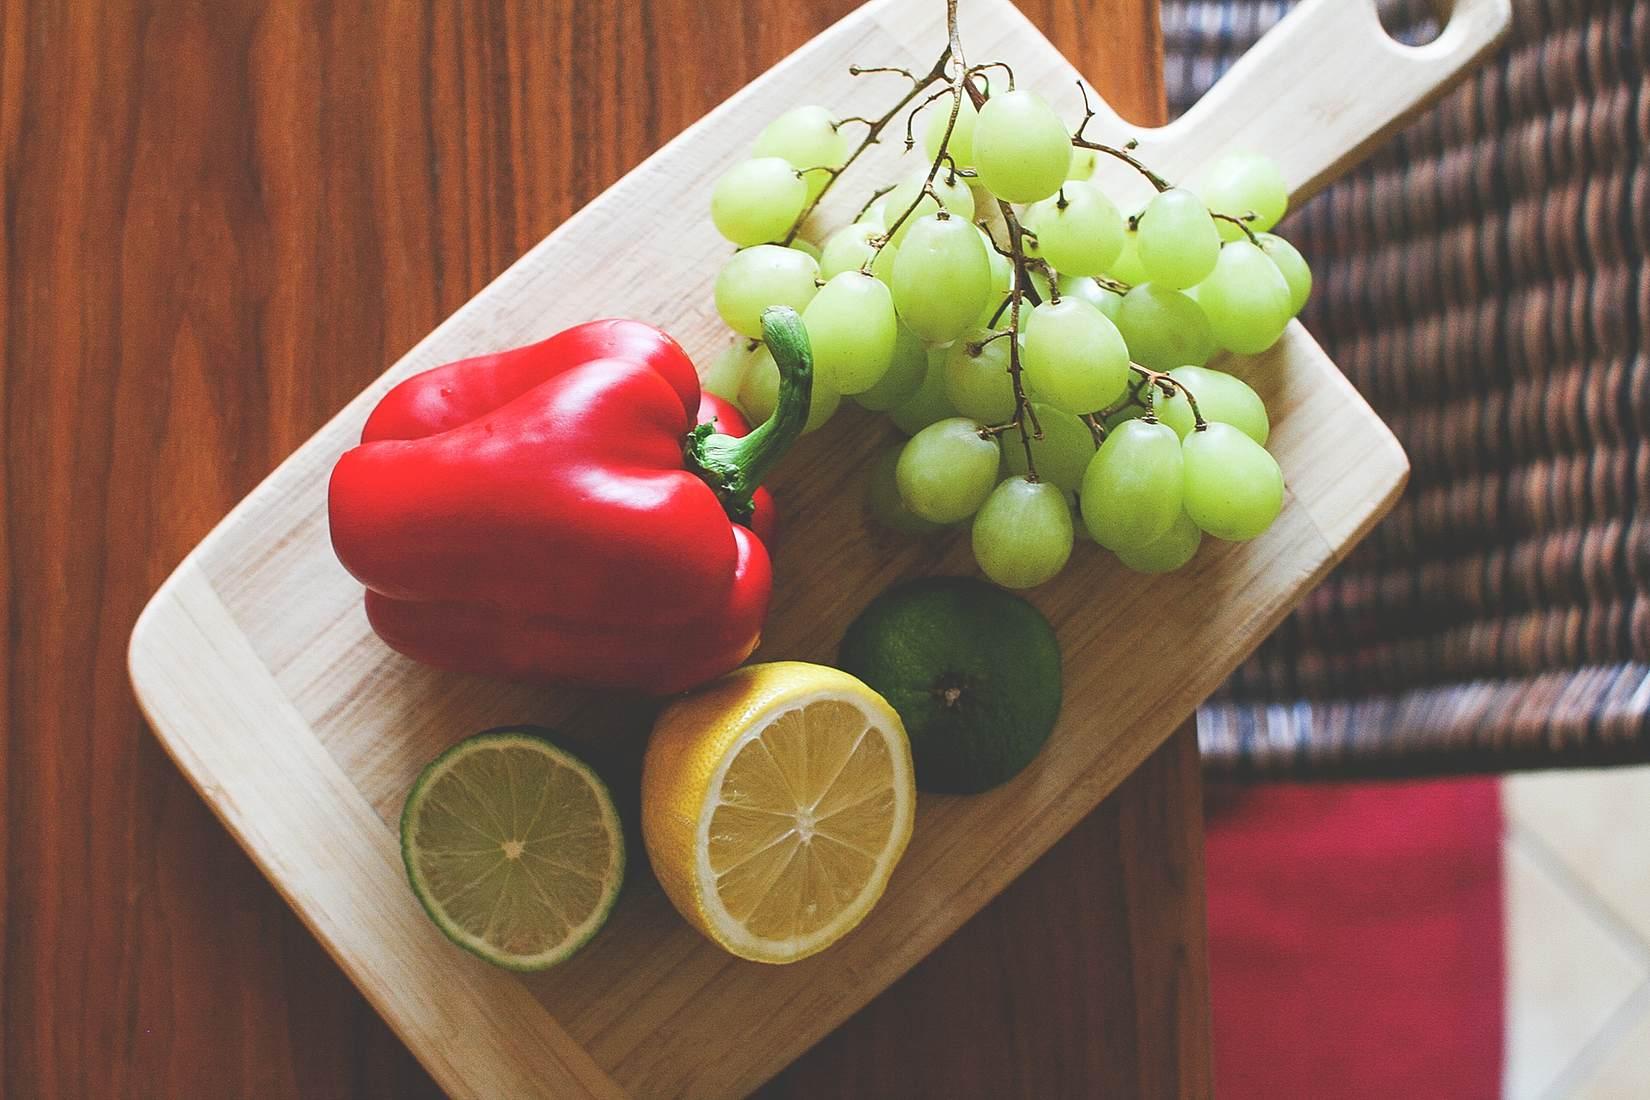 É preciso equilibrar a alimentação (Foto: Divulgação)